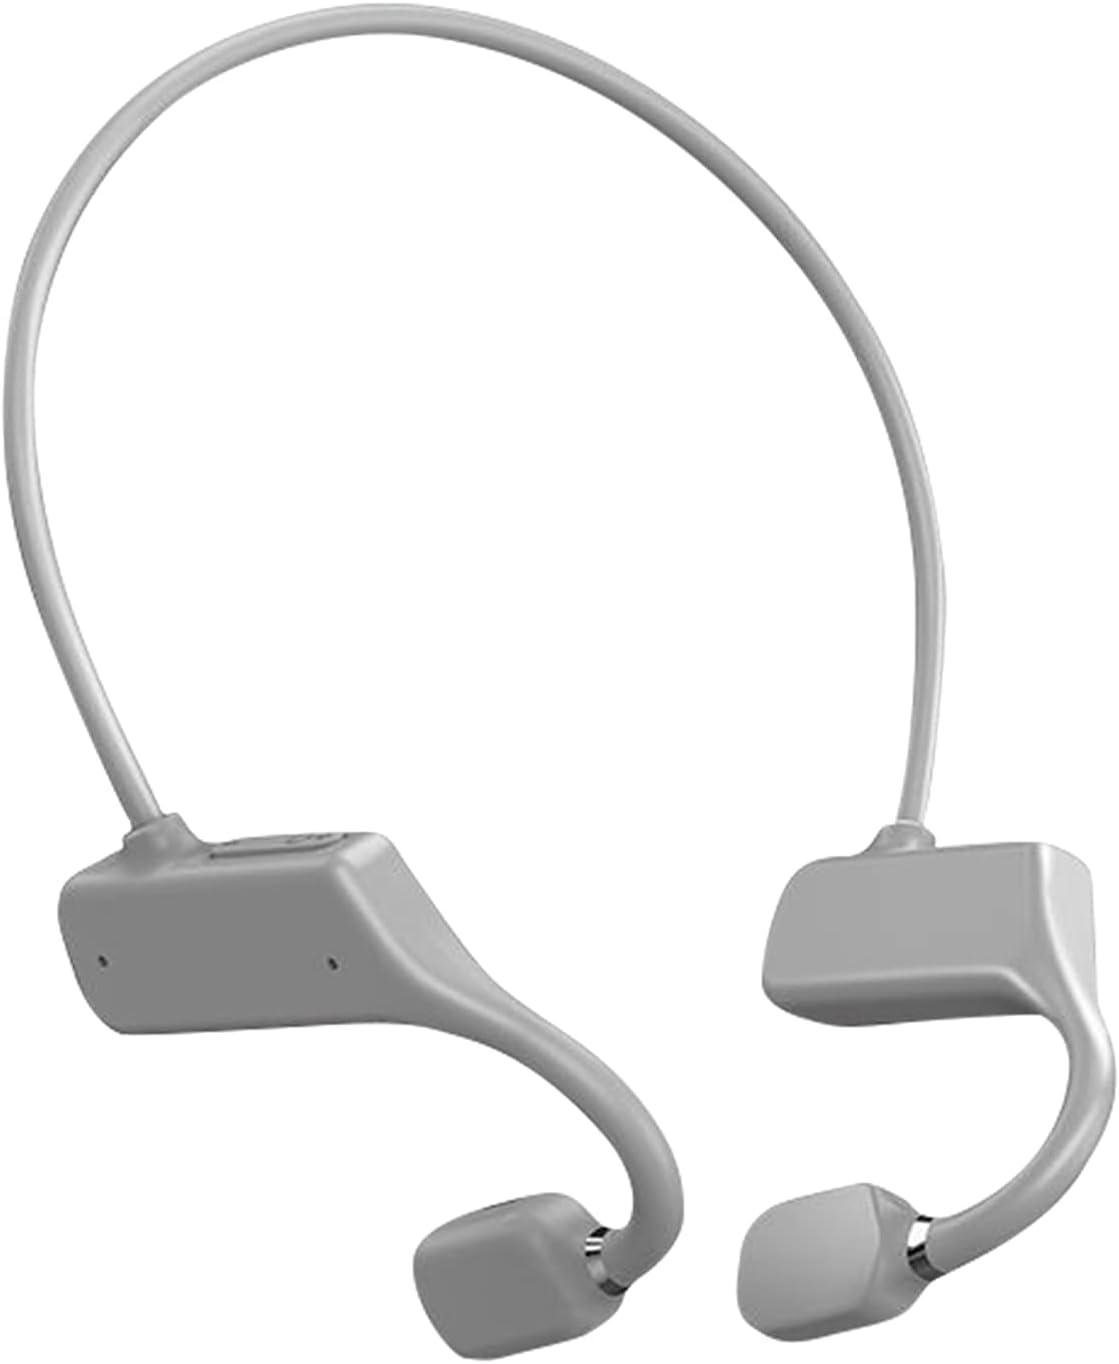 OCUhome Bone Conduction Headphones, Open Ear Bluetooth 5.1 Headphones, Ear Hook Bone Conduction Earphone IPX5 Waterproof Wireless Headphone for Sports Grey